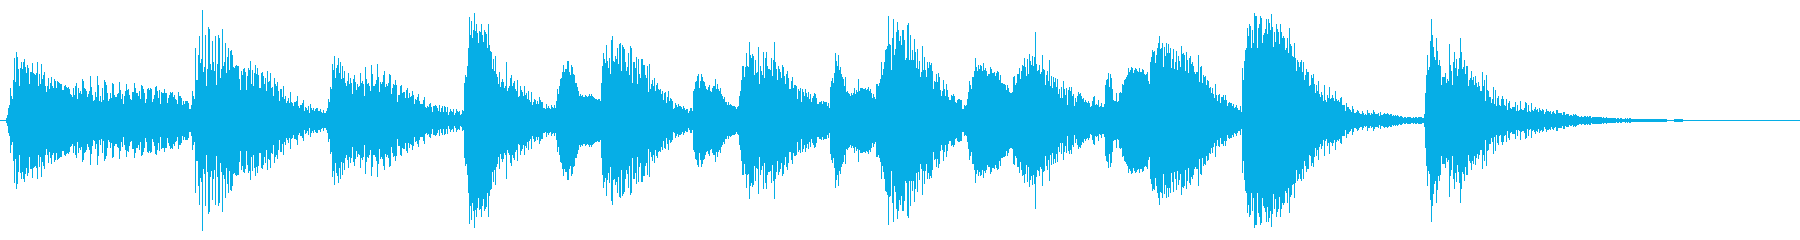 ラグタイムピアノの再生済みの波形